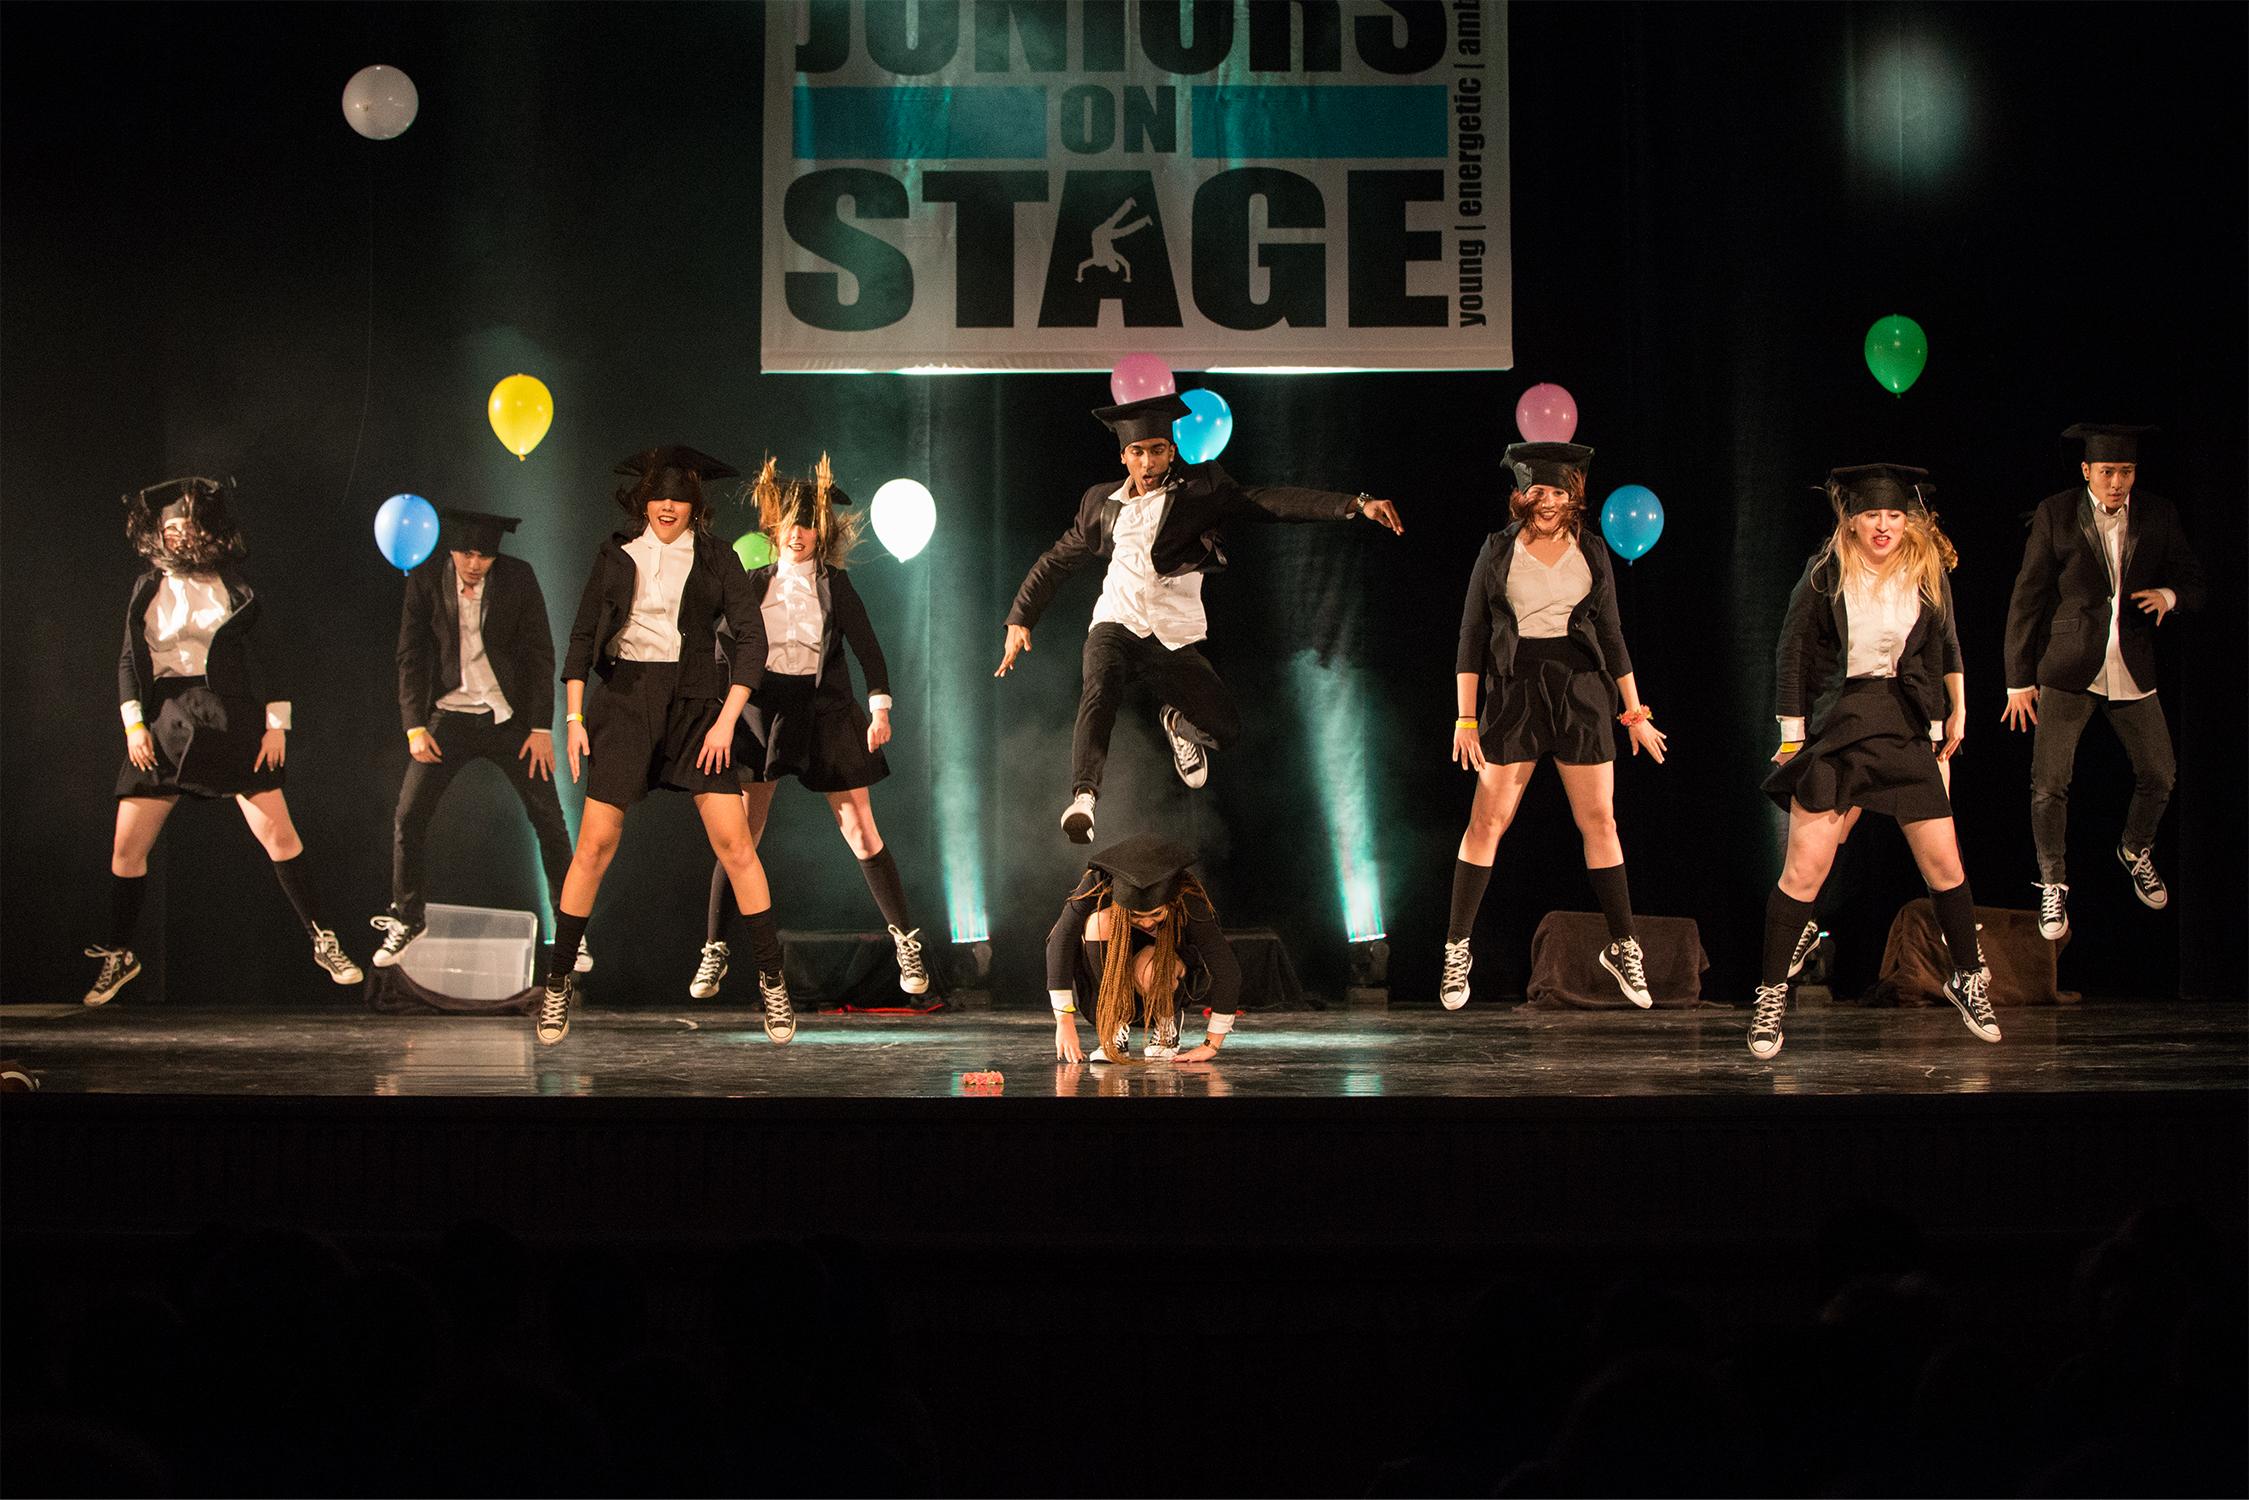 HDFoto-JuniorsOnStage-085